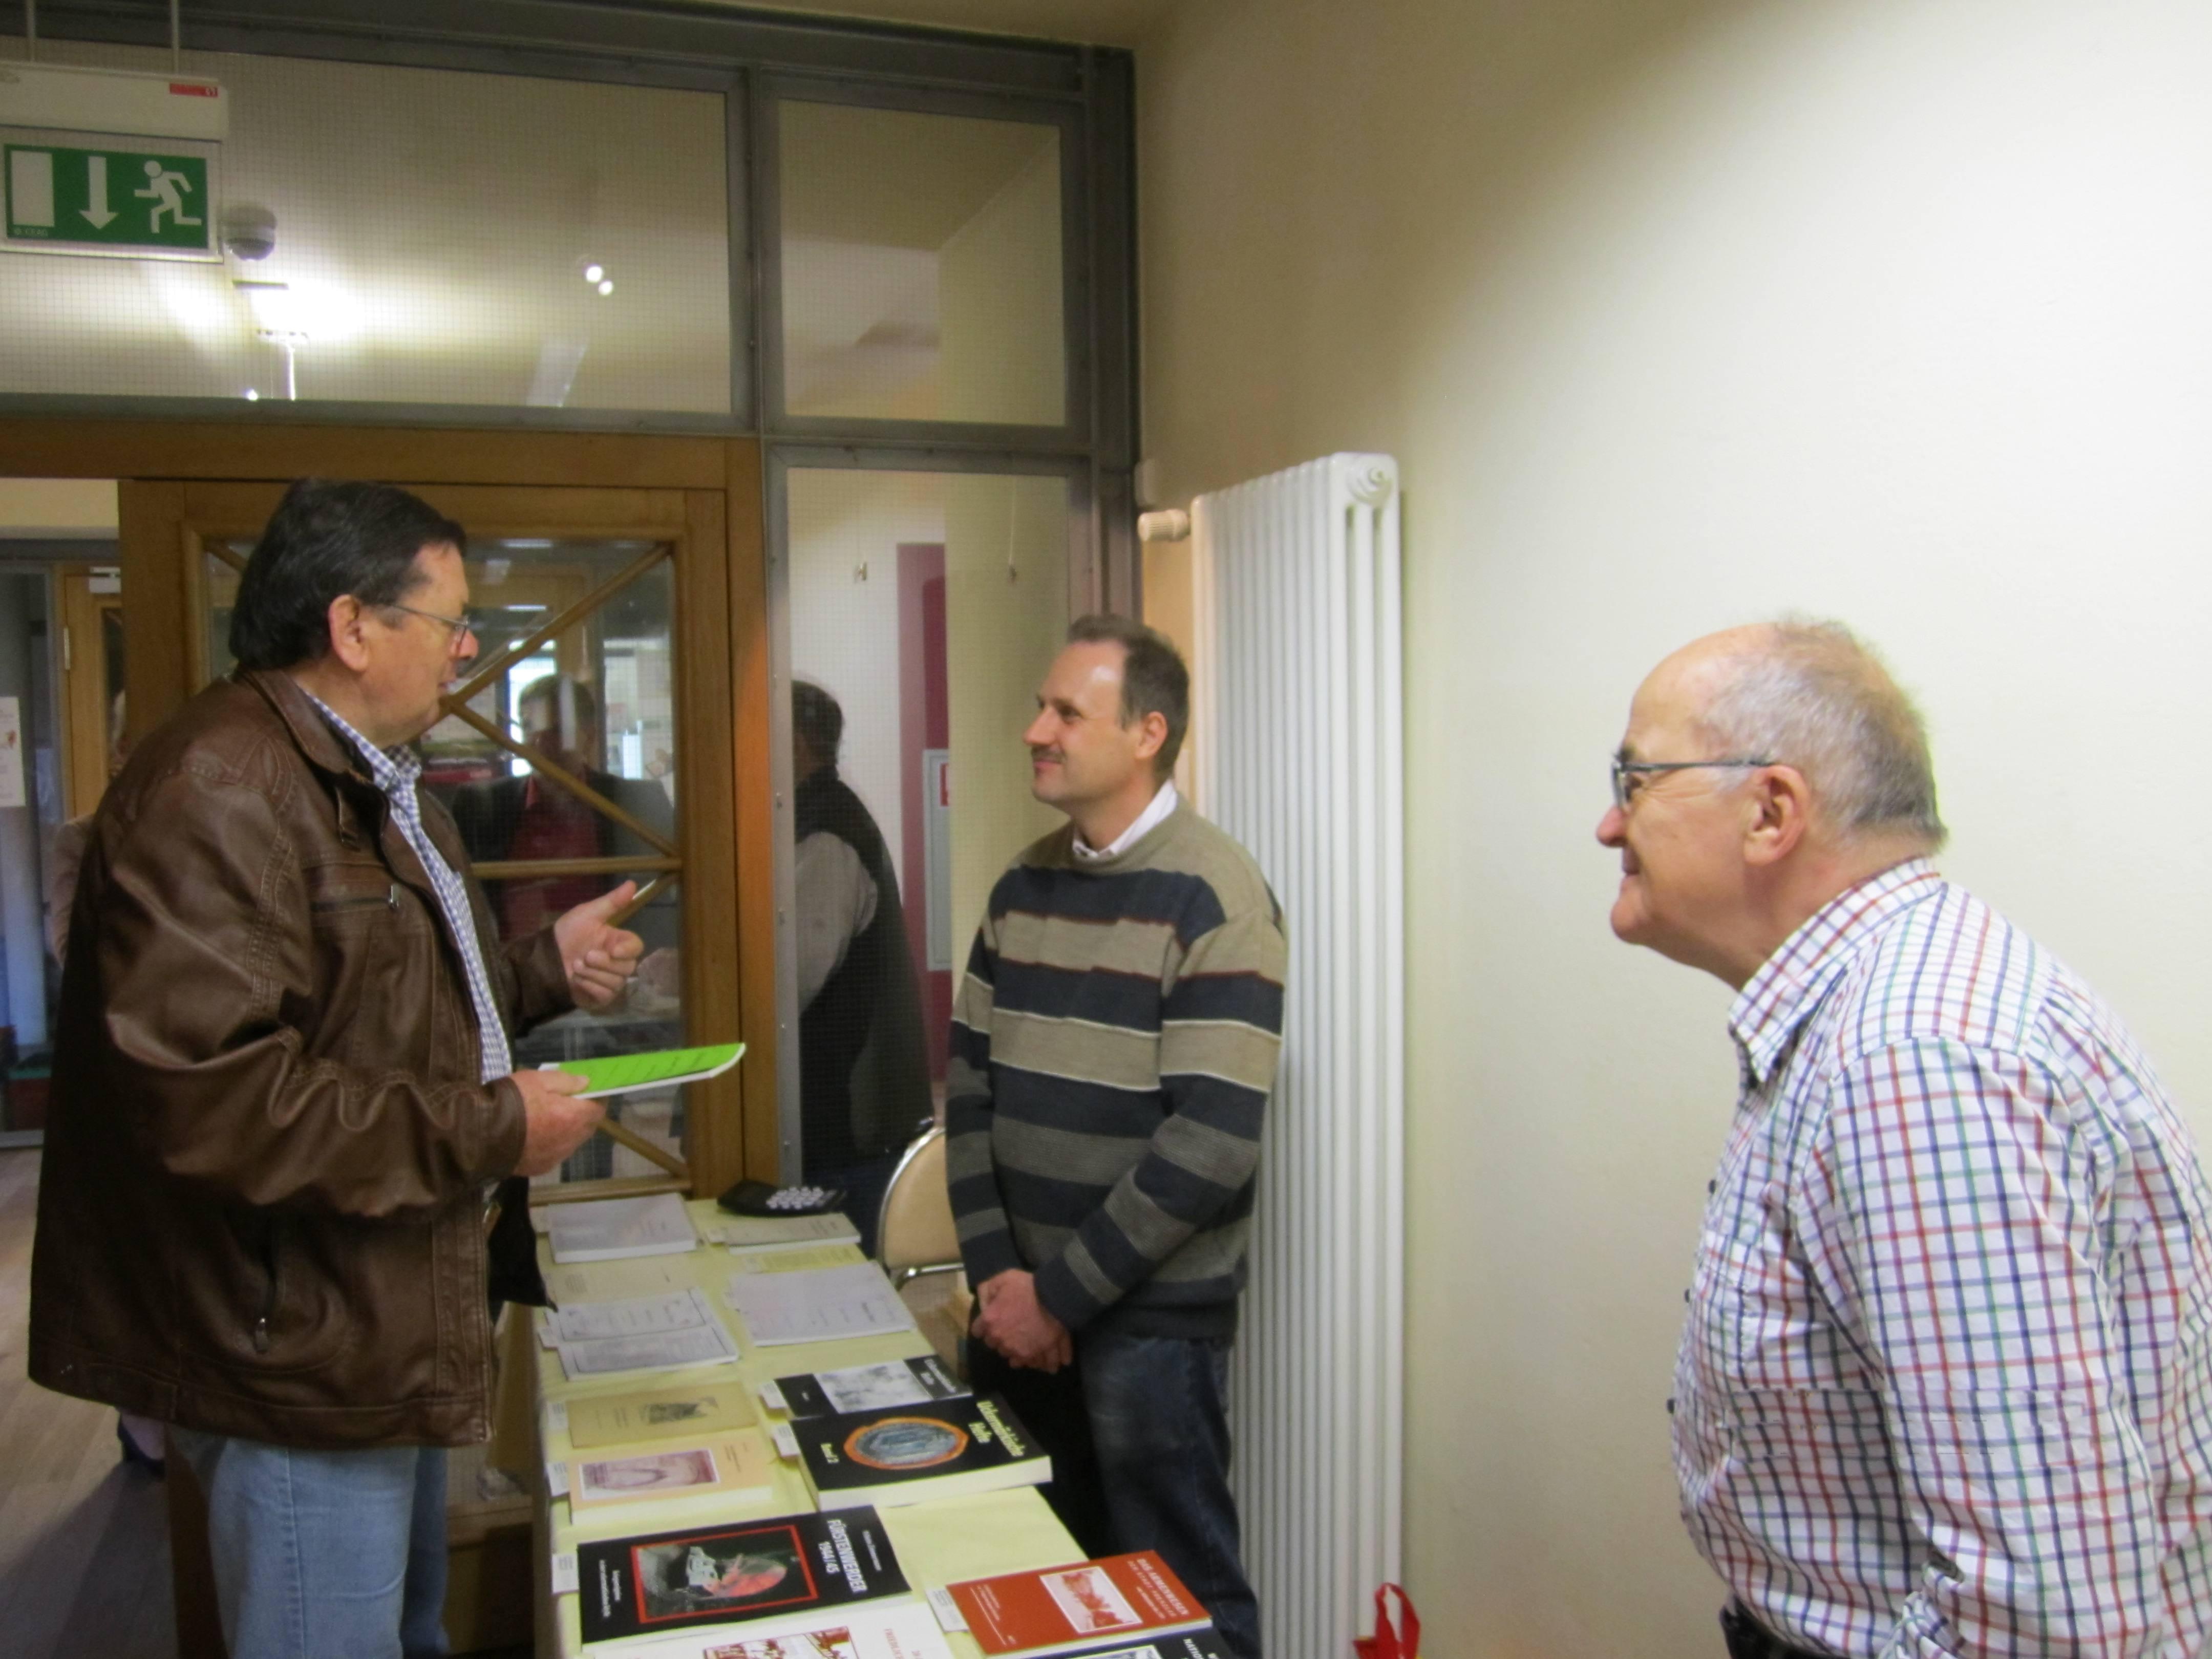 Buchverkauf: Horst Albrecht, Frank Wieland und Gerd Winterberg am Büchertisch (v. l. n. r.). (Foto: Dr. M. Schulz)